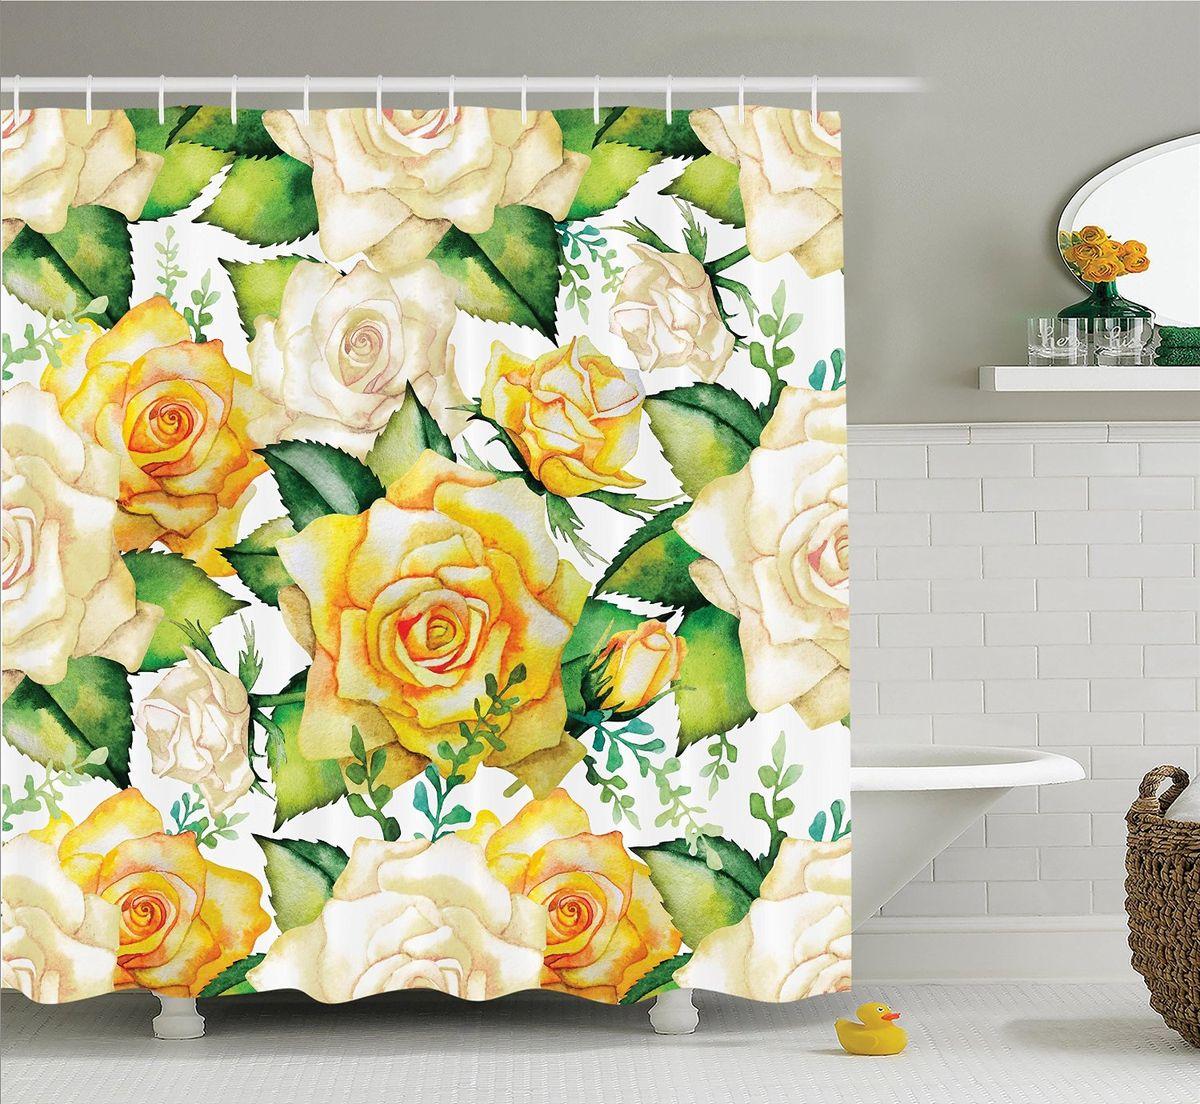 Штора для ванной комнаты Magic Lady Чайные розы, 180 х 200 смWBCH10-300Штора Magic Lady Чайные розы, изготовленная из высококачественного сатена (полиэстер 100%), отлично дополнит любой интерьер ванной комнаты. При изготовлении используются специальные гипоаллергенные чернила для прямой печати по ткани, безопасные для человека.В комплекте: 1 штора, 12 крючков. Обращаем ваше внимание, фактический цвет изделия может незначительно отличаться от представленного на фото.